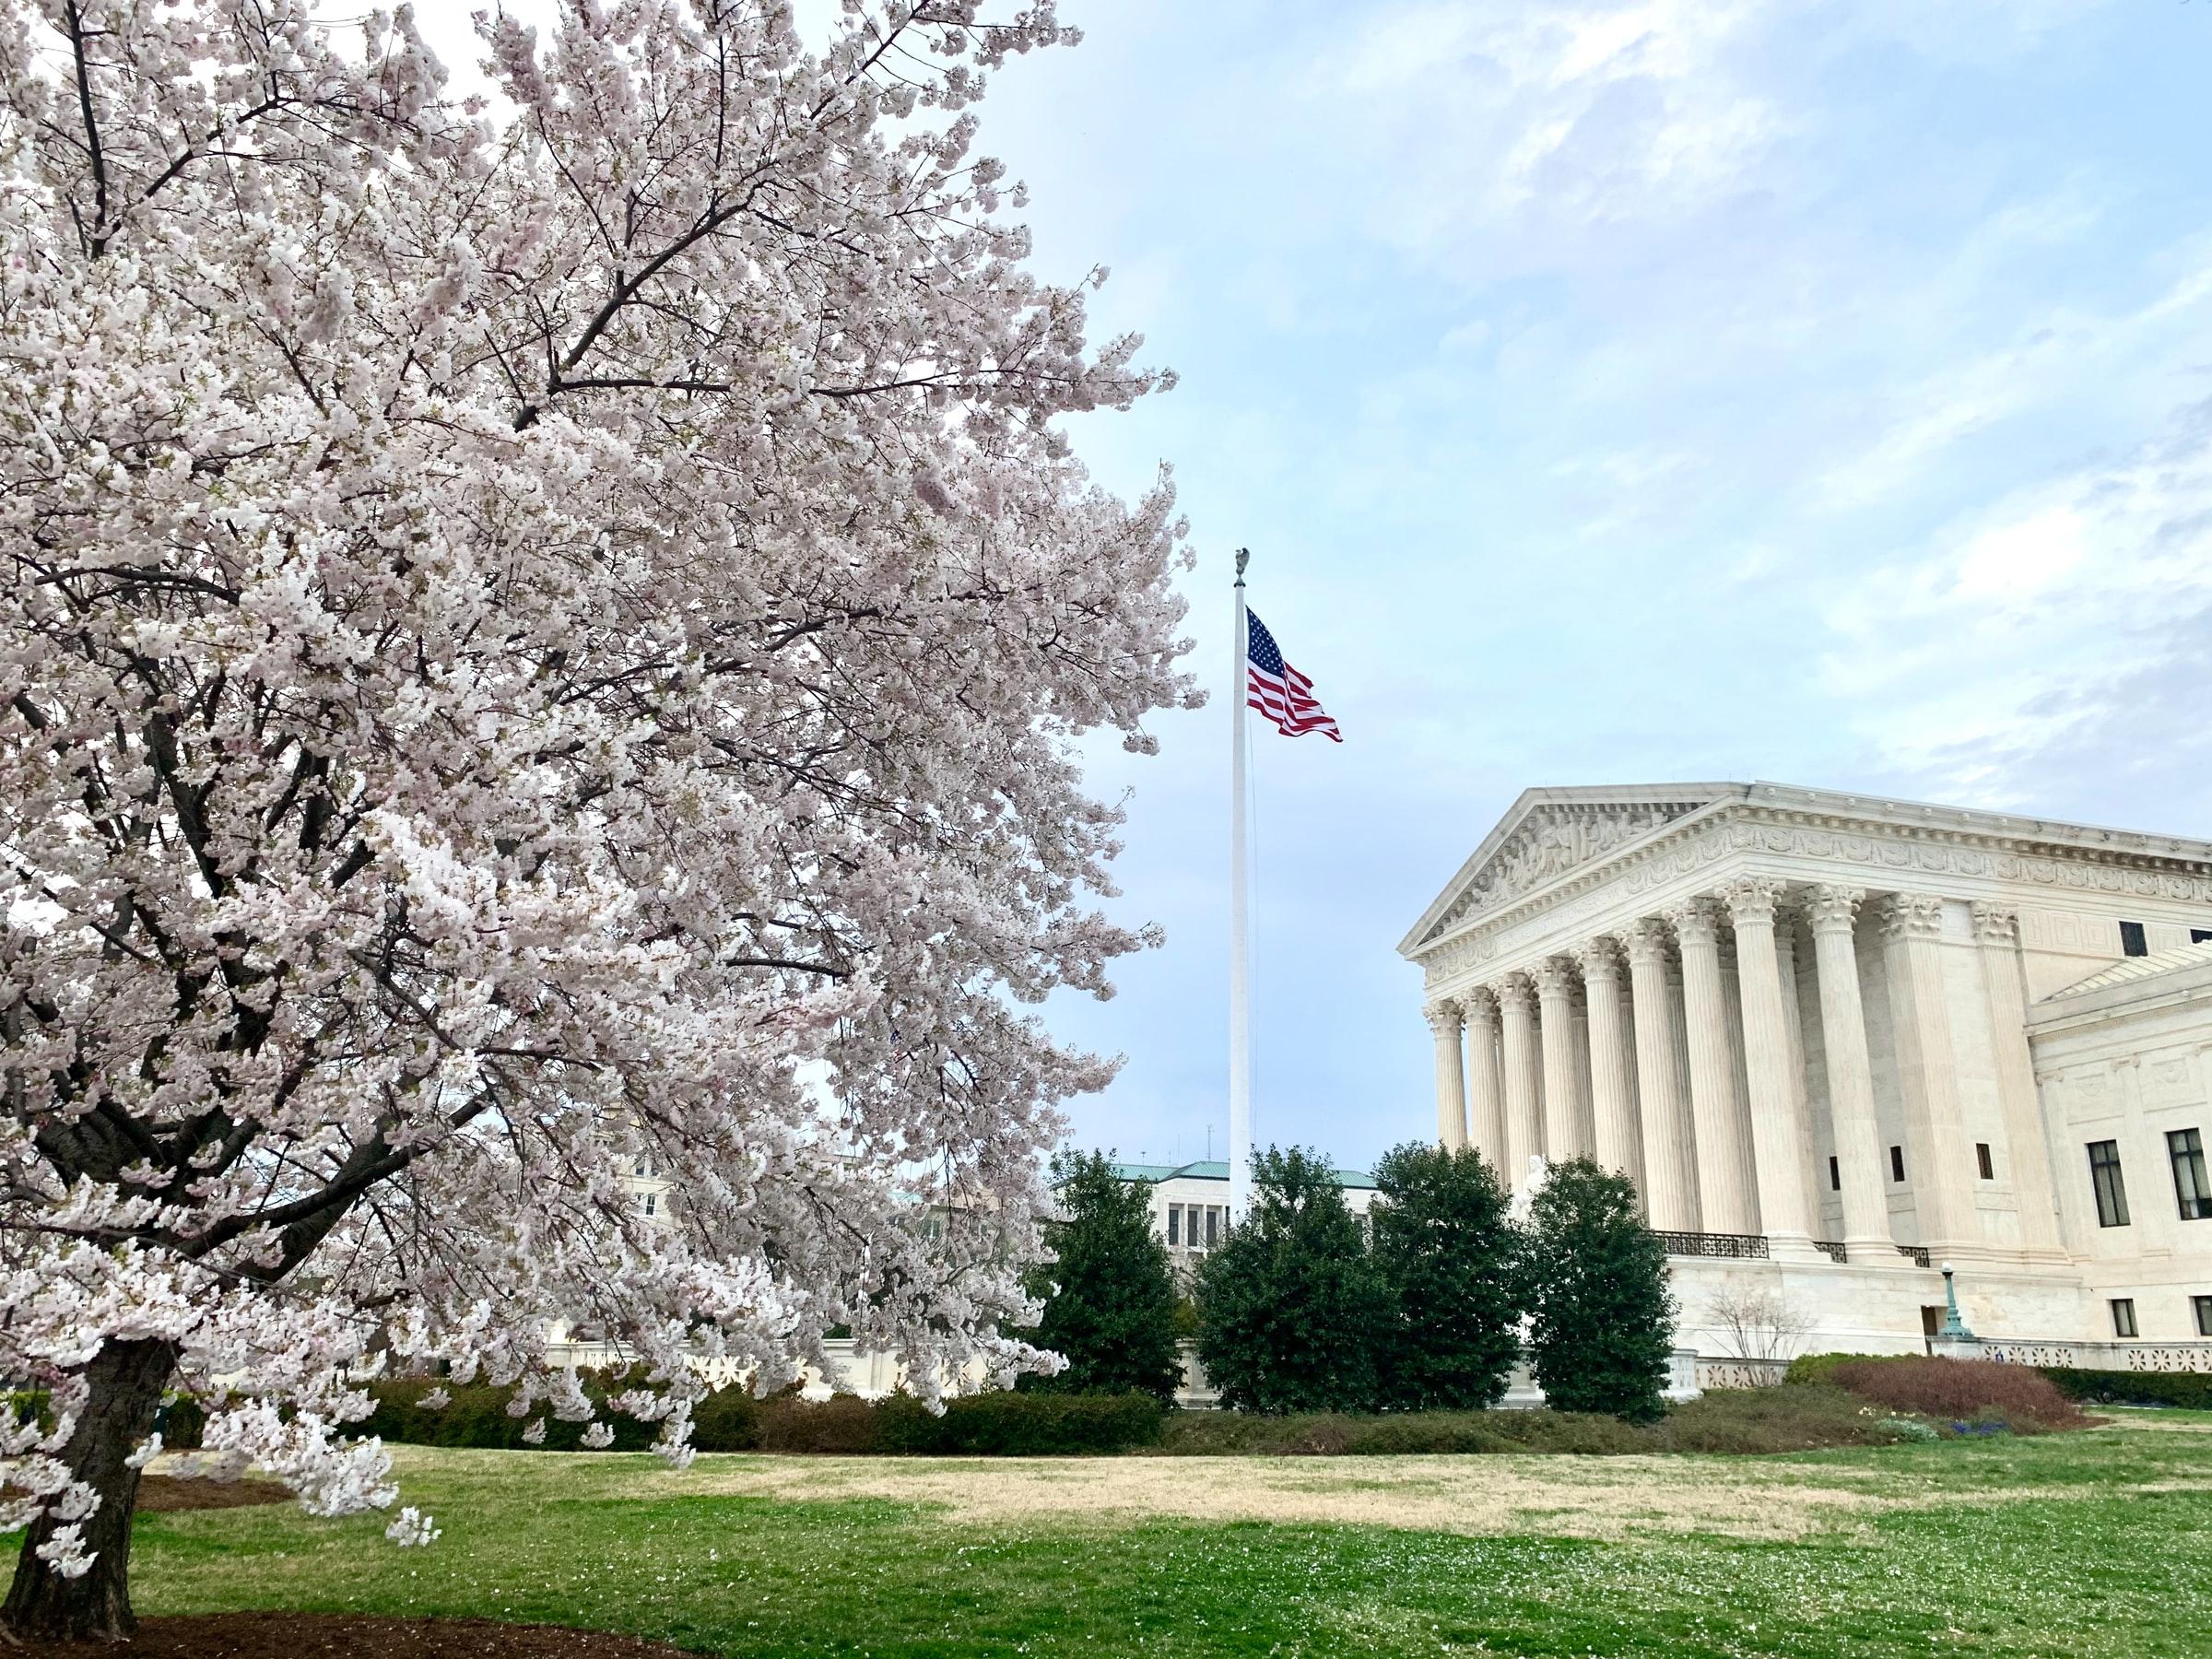 IMAGEM: Suprema Corte dos EUA defende direito de agência católica de não aceitar pais adotivos gays